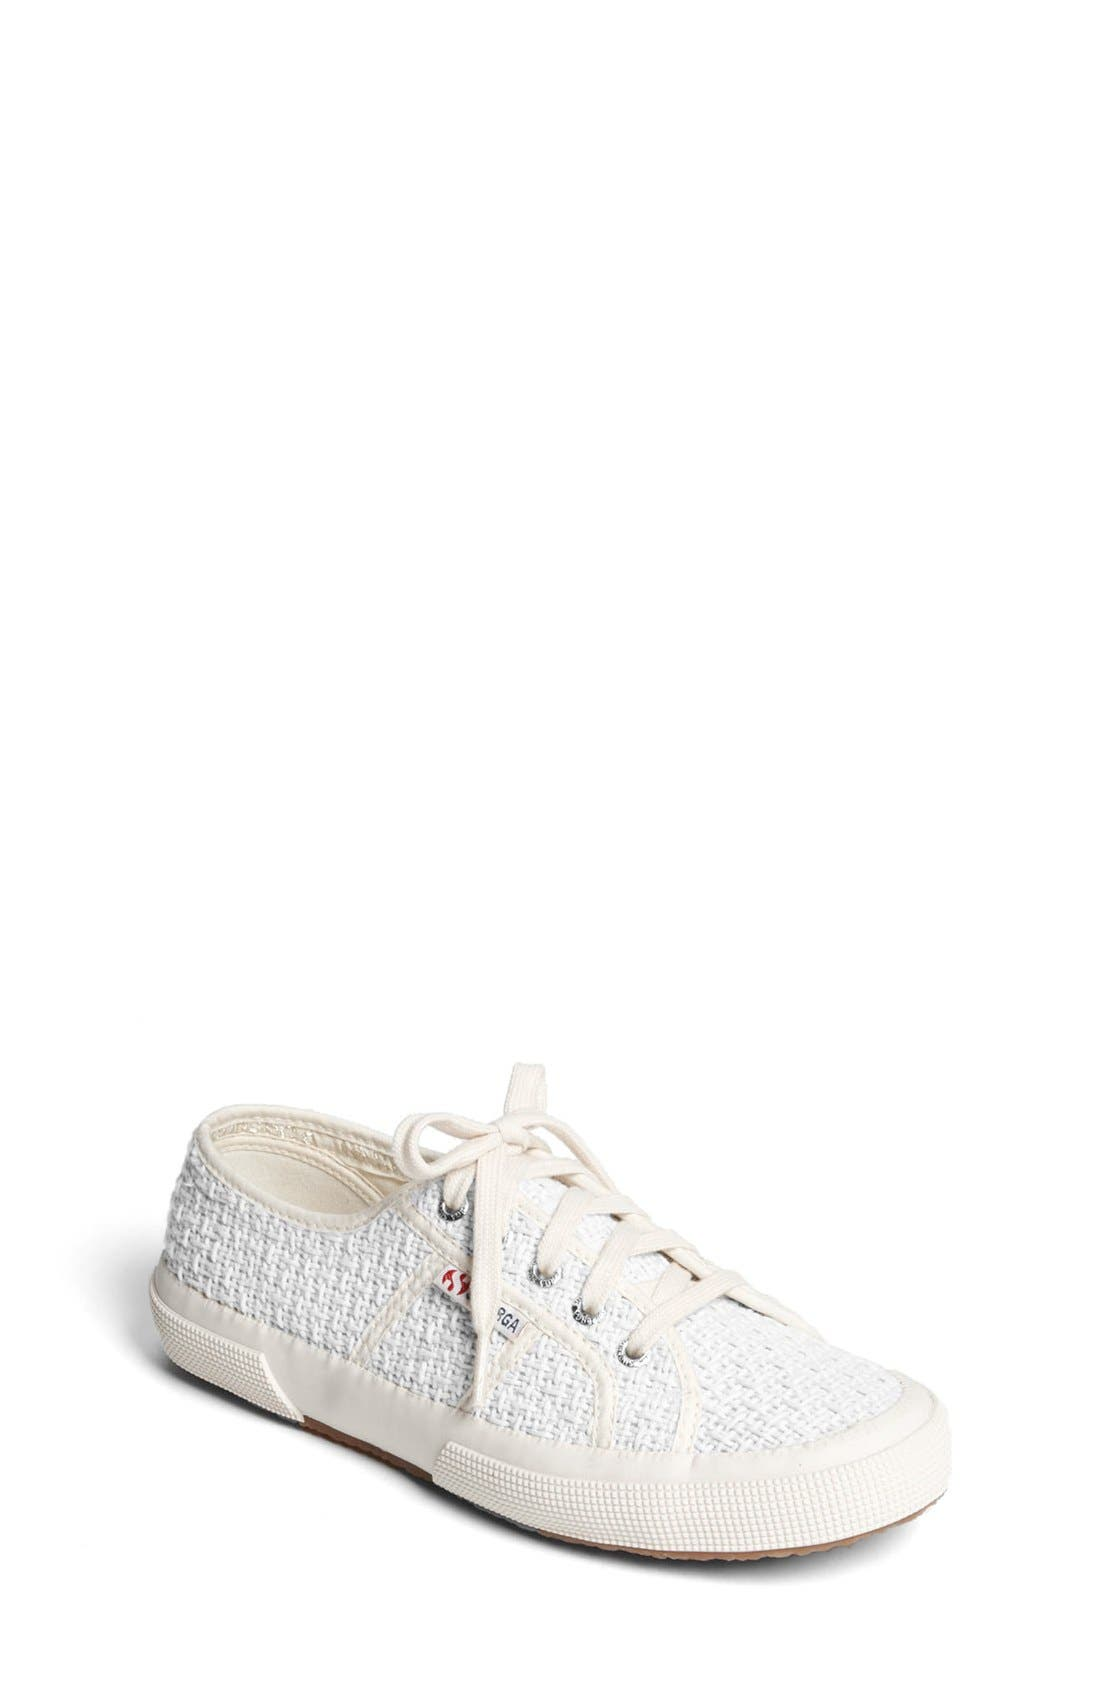 Main Image - Superga 'Crochet' Sneaker